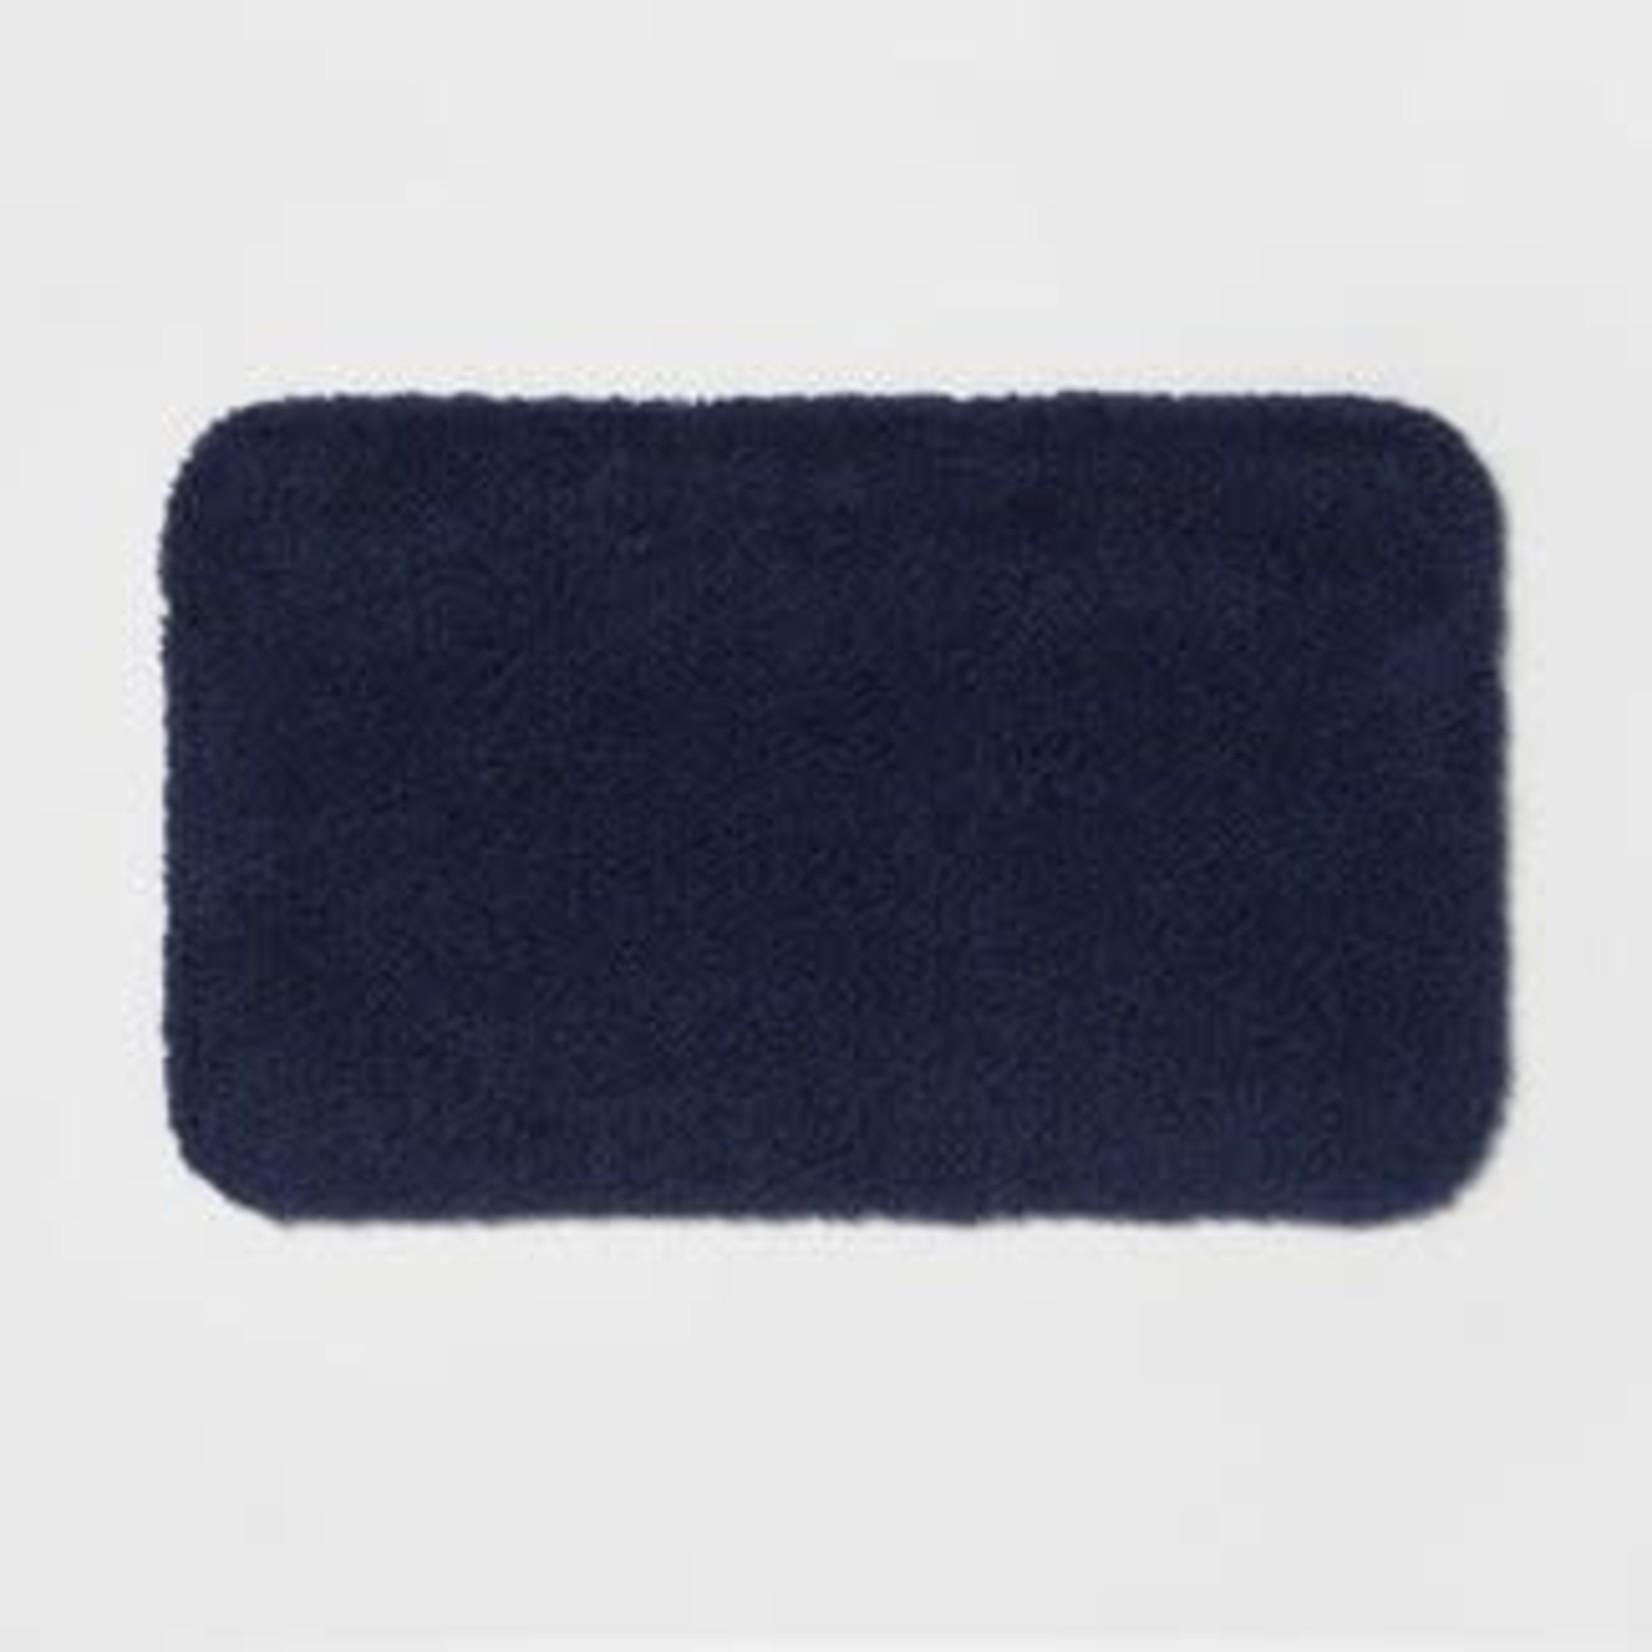 Perfectly Soft Nylon Solid Bath Rug - Opalhouse 23x37